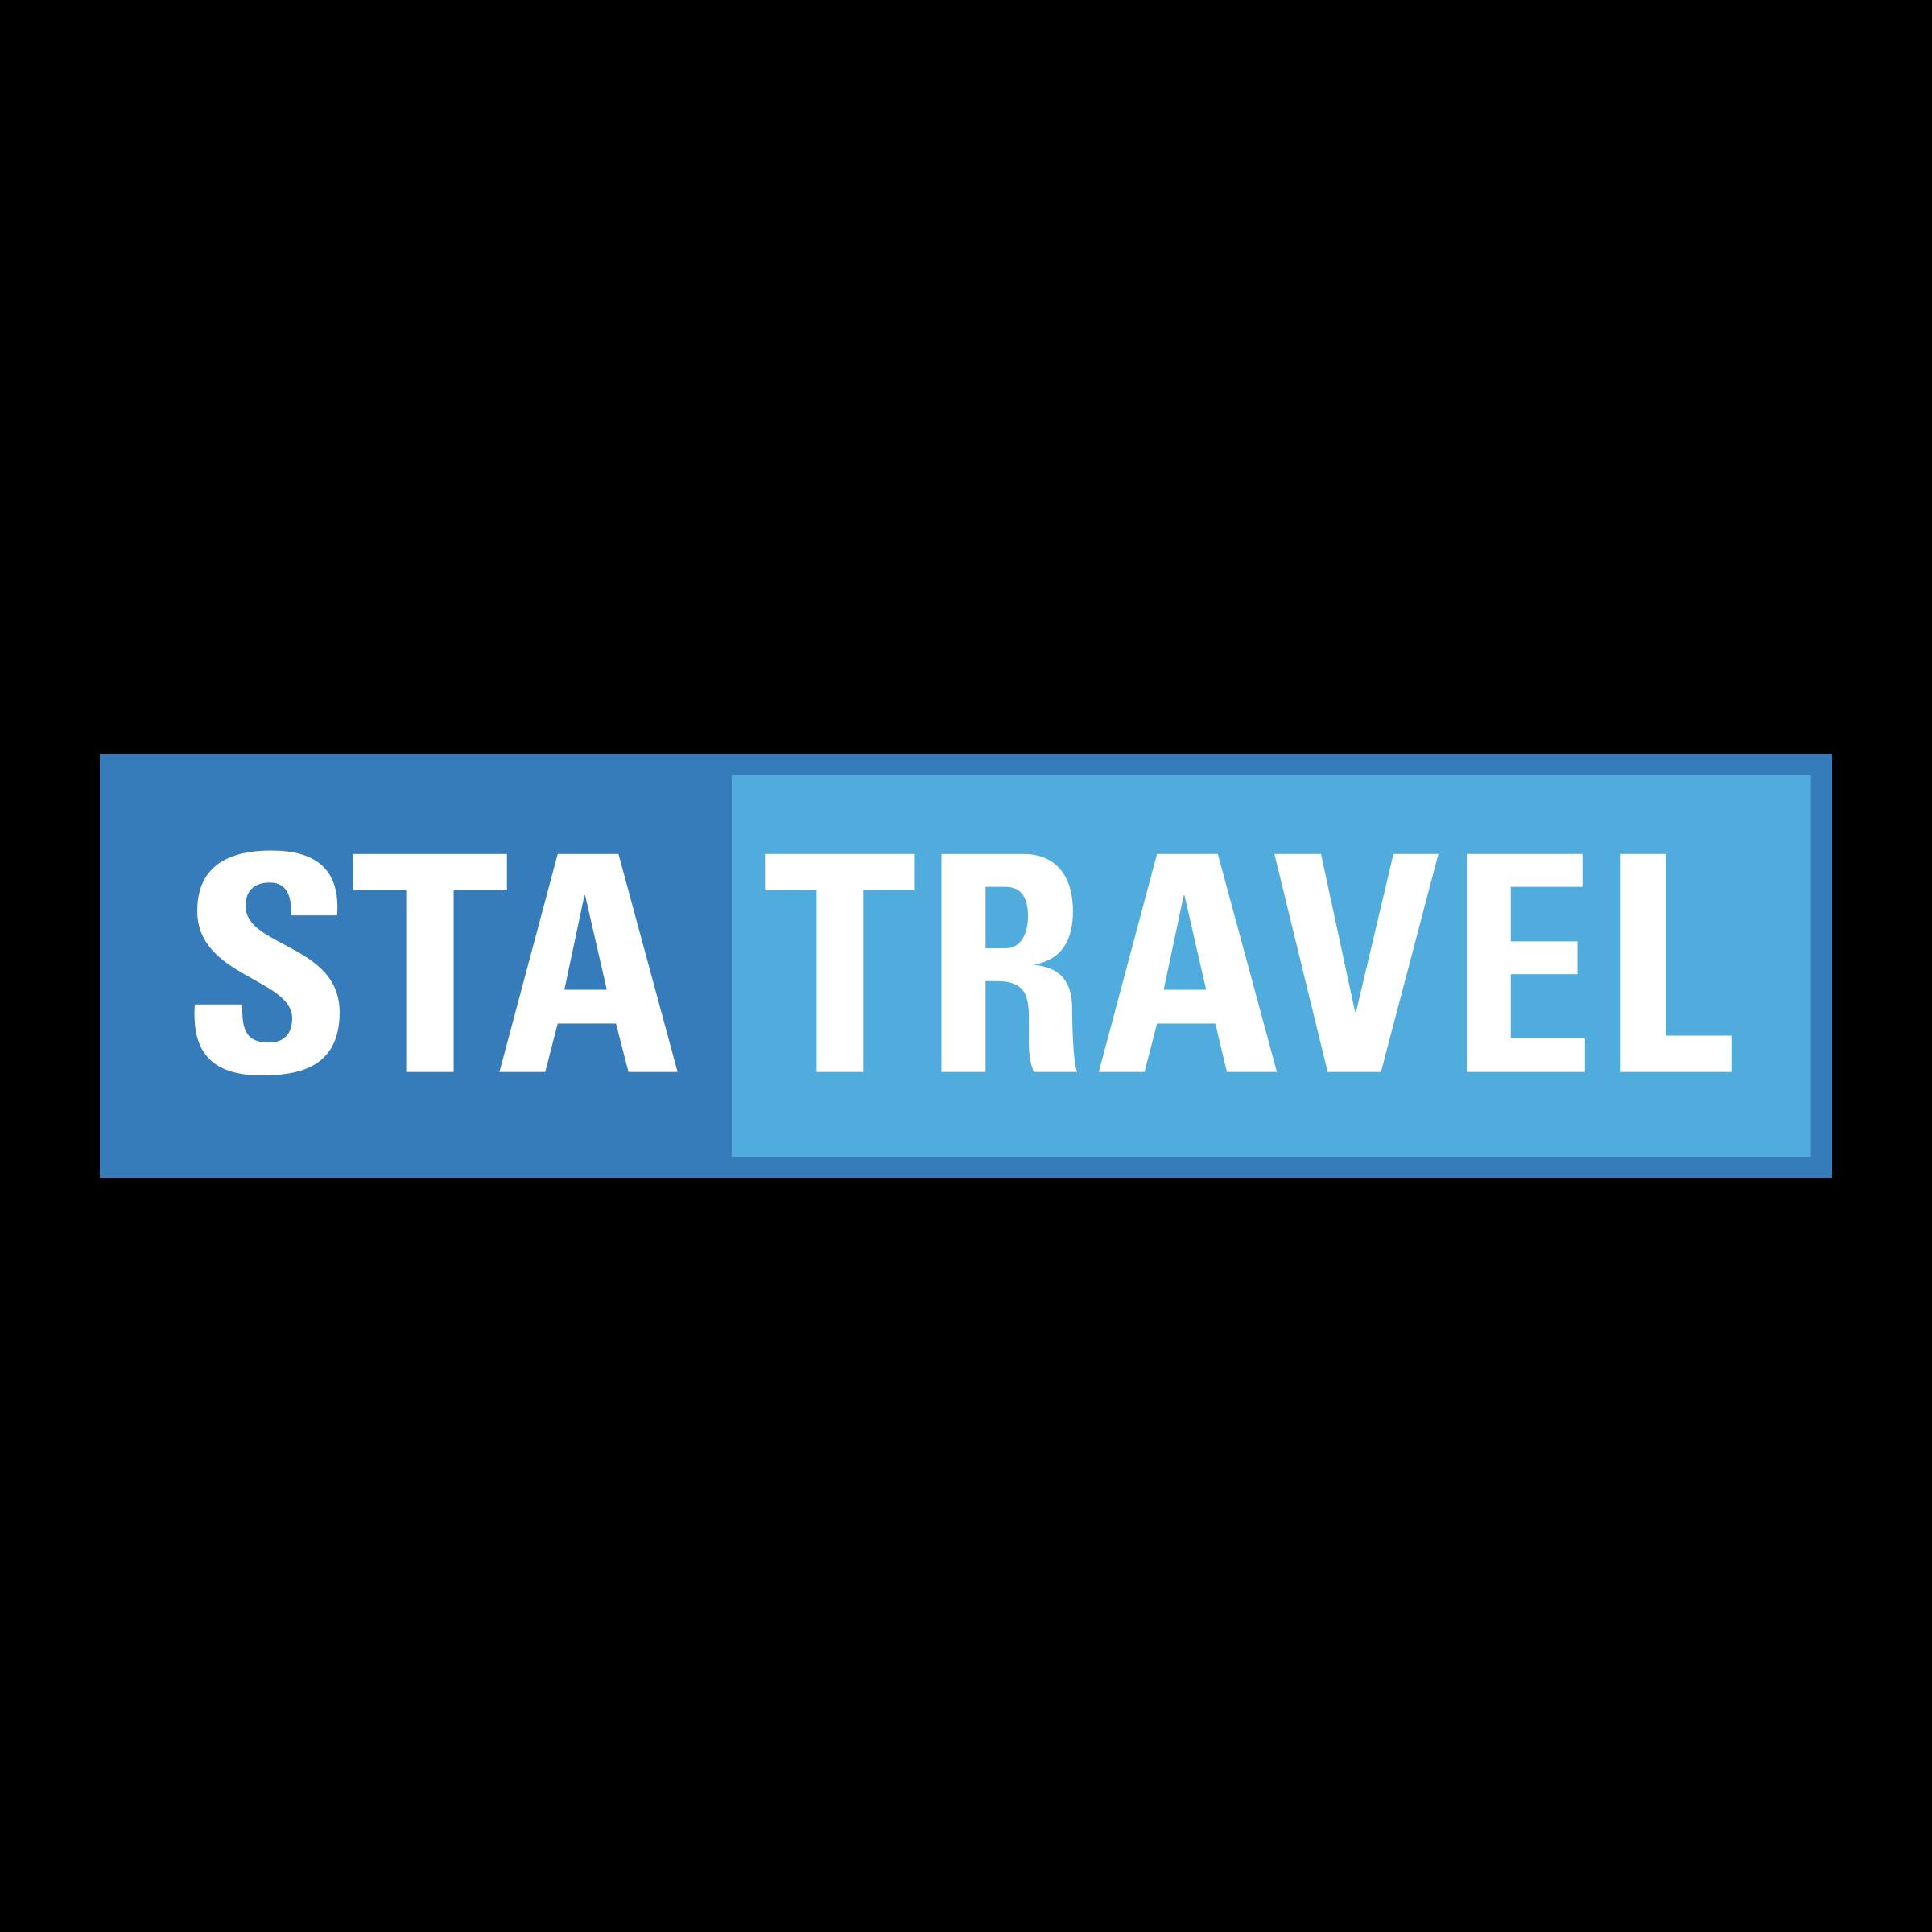 STA Travel Logo PNG Transparent & SVG Vector.